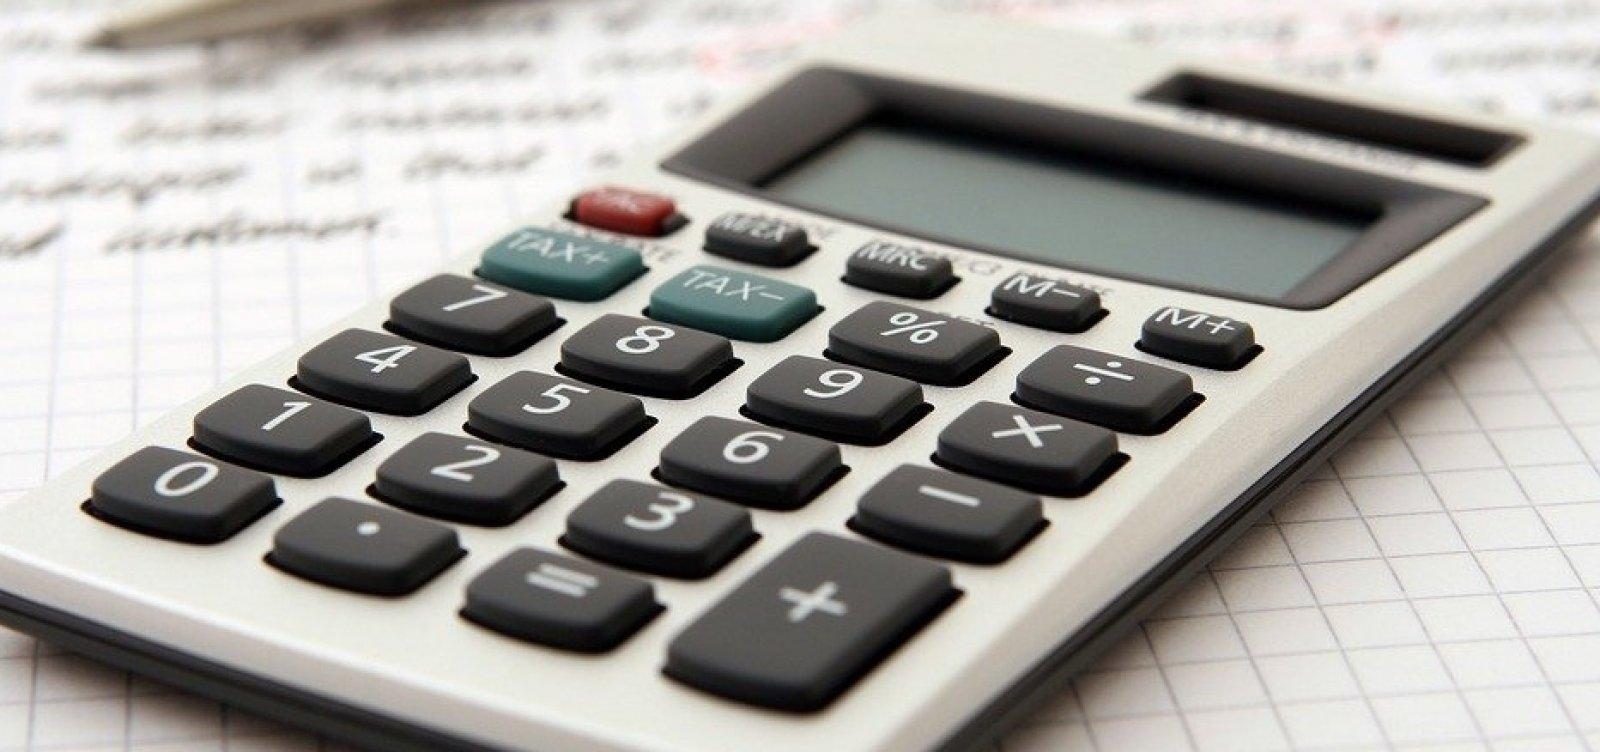 [Mais de 260 mil contribuintes da Bahia não entregaram declaração do Imposto de Renda]